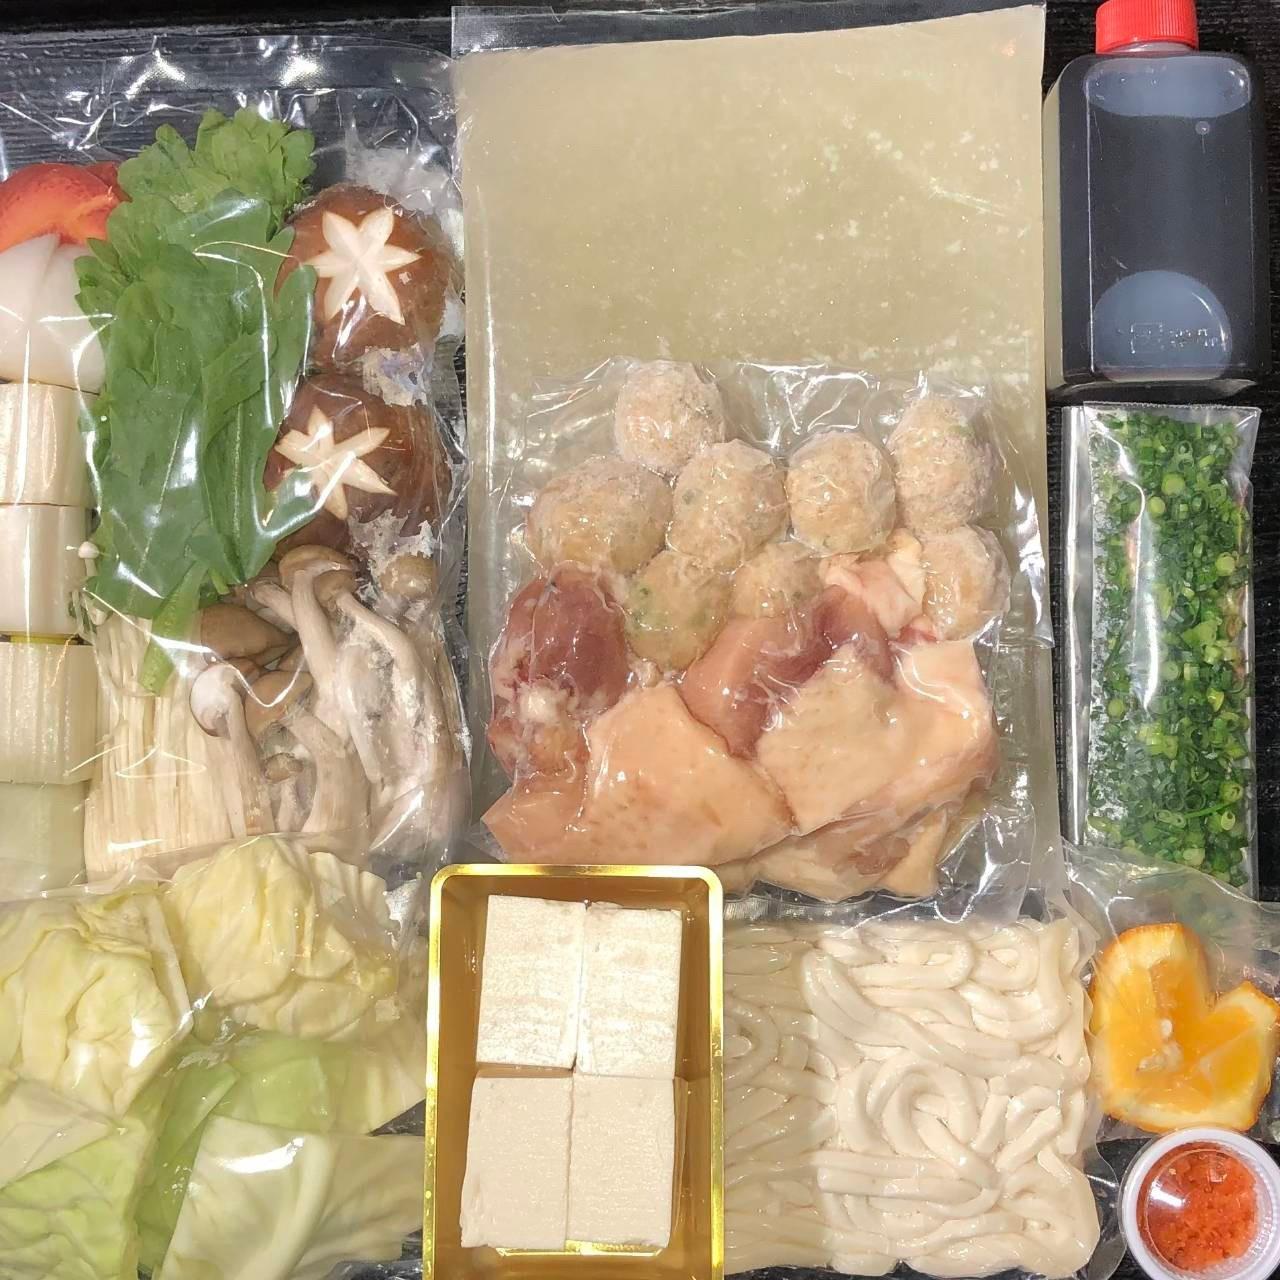 福岡は飲食店の営業は21時までお酒の提供は20時30分まで、2週間延びてます。_f0232994_11383437.jpg